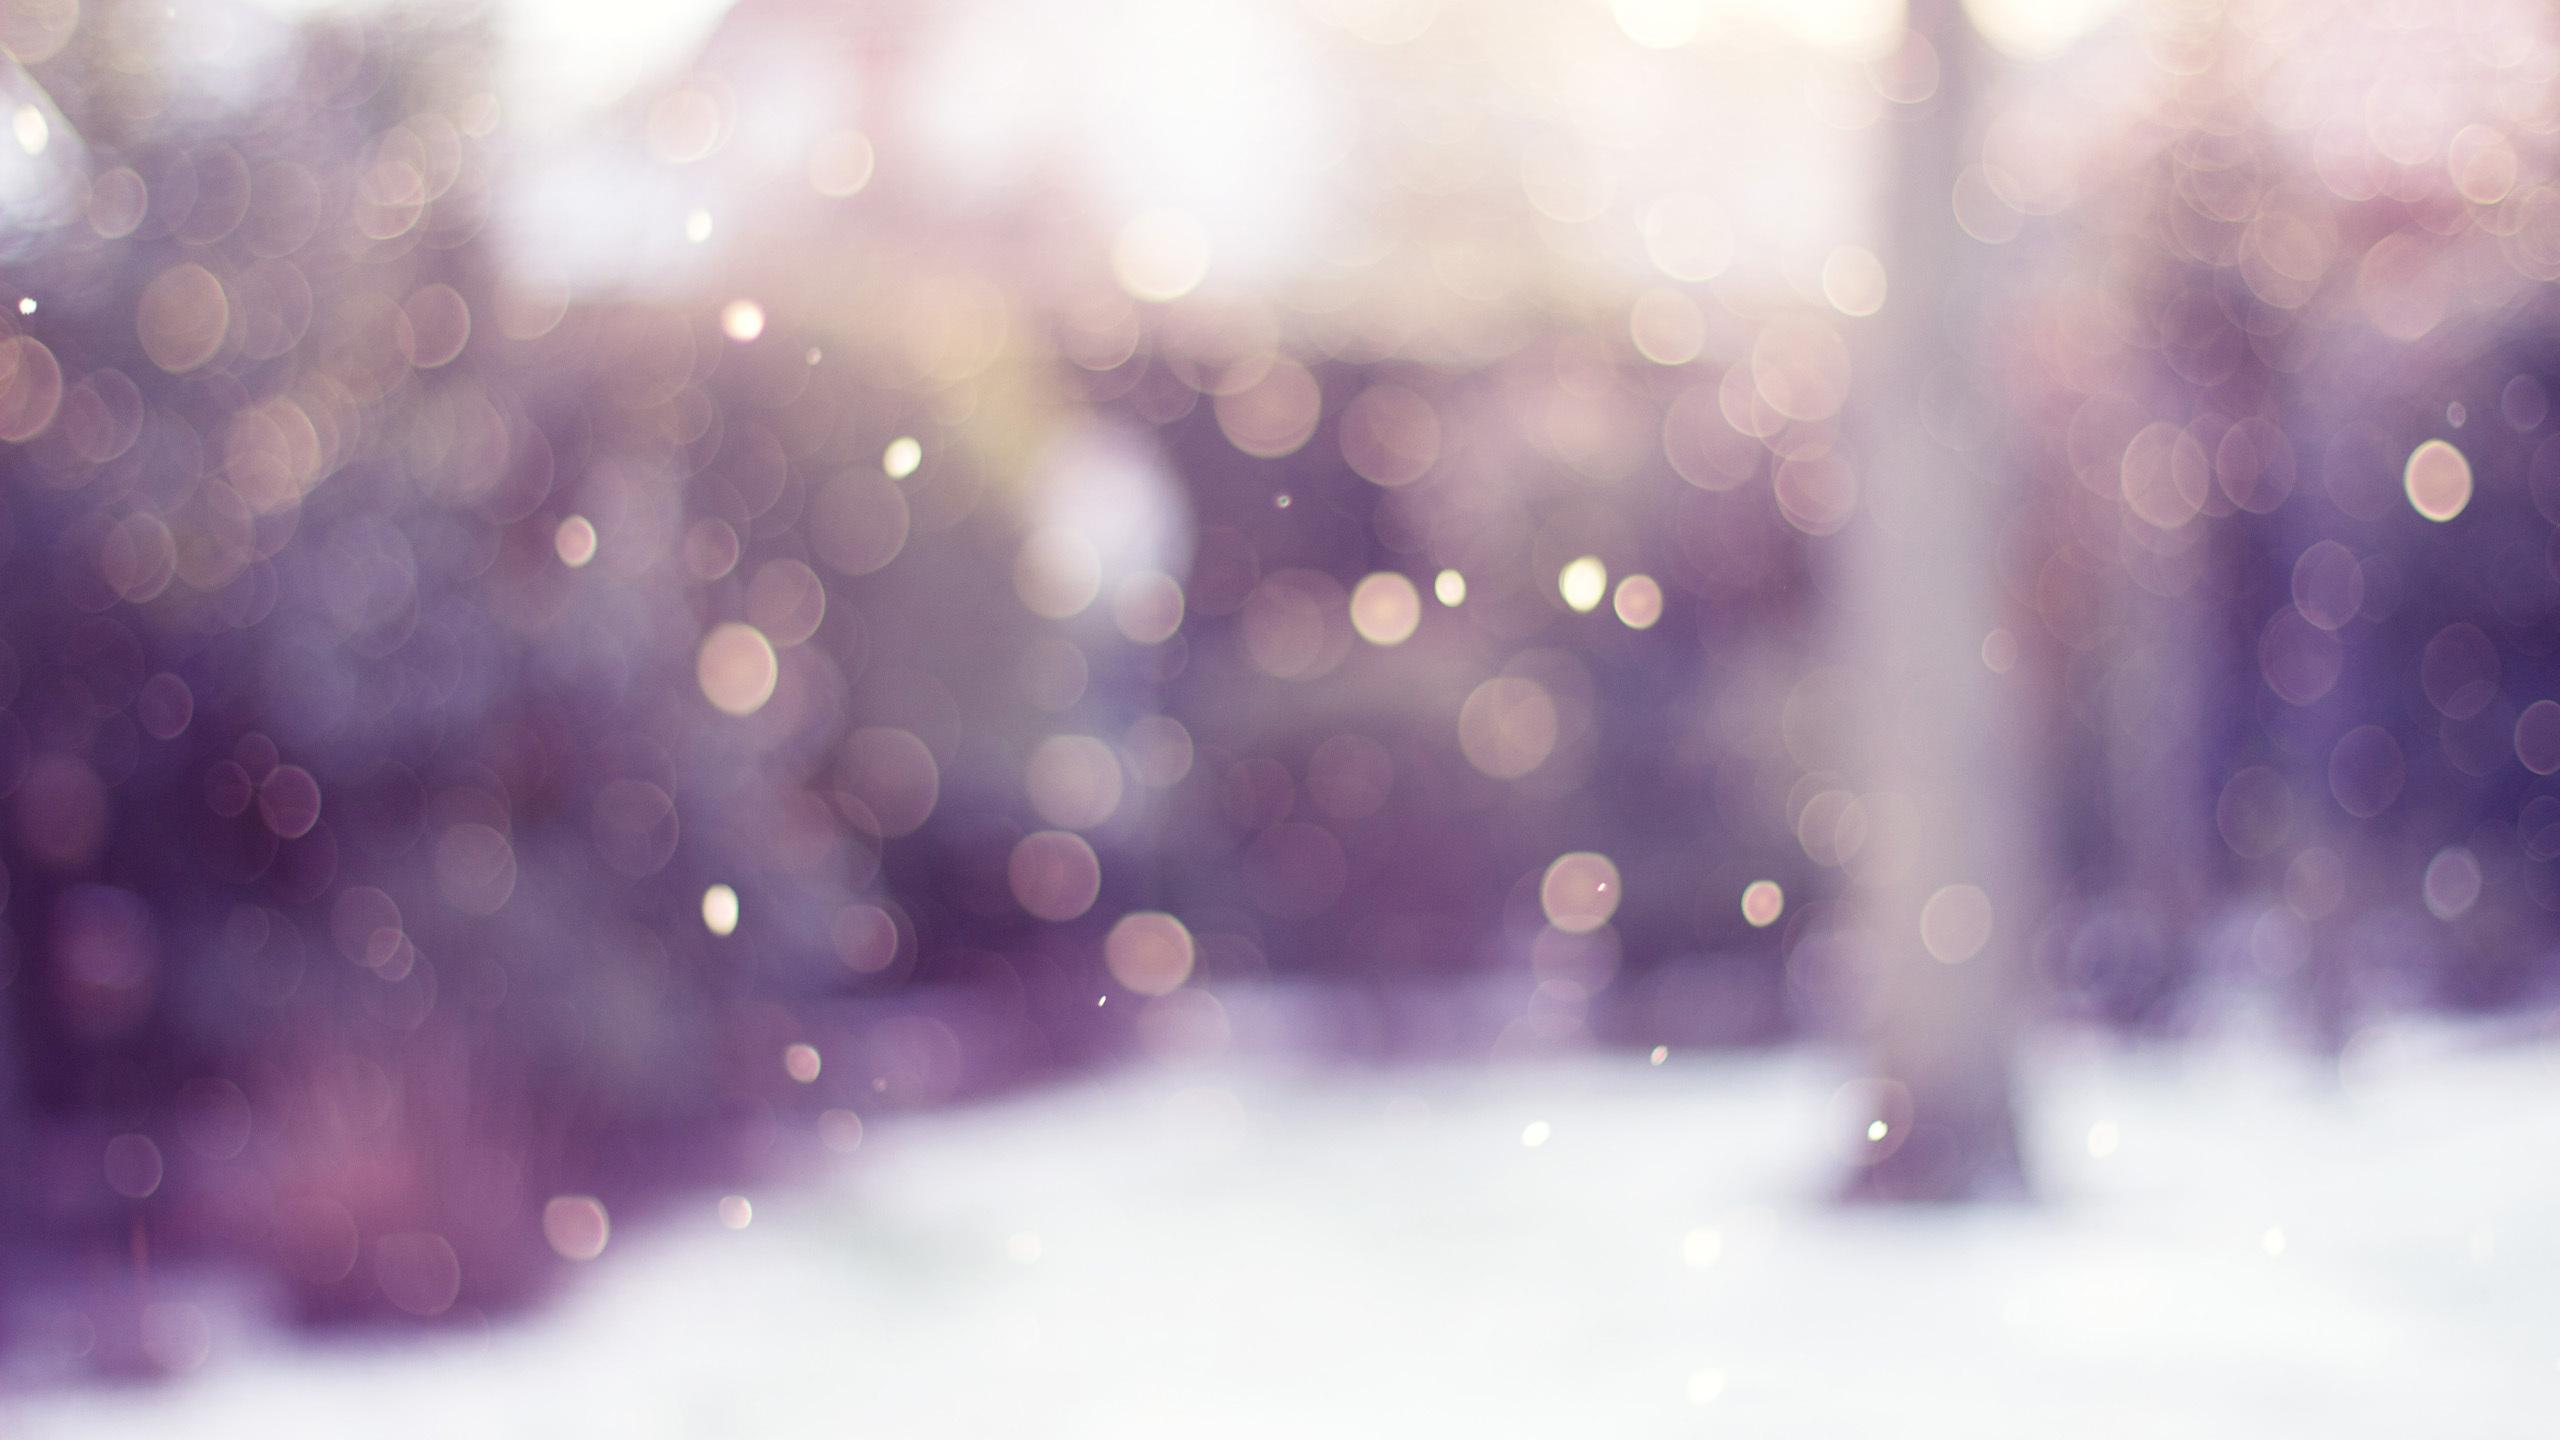 Snowy Bokeh Wallpaper